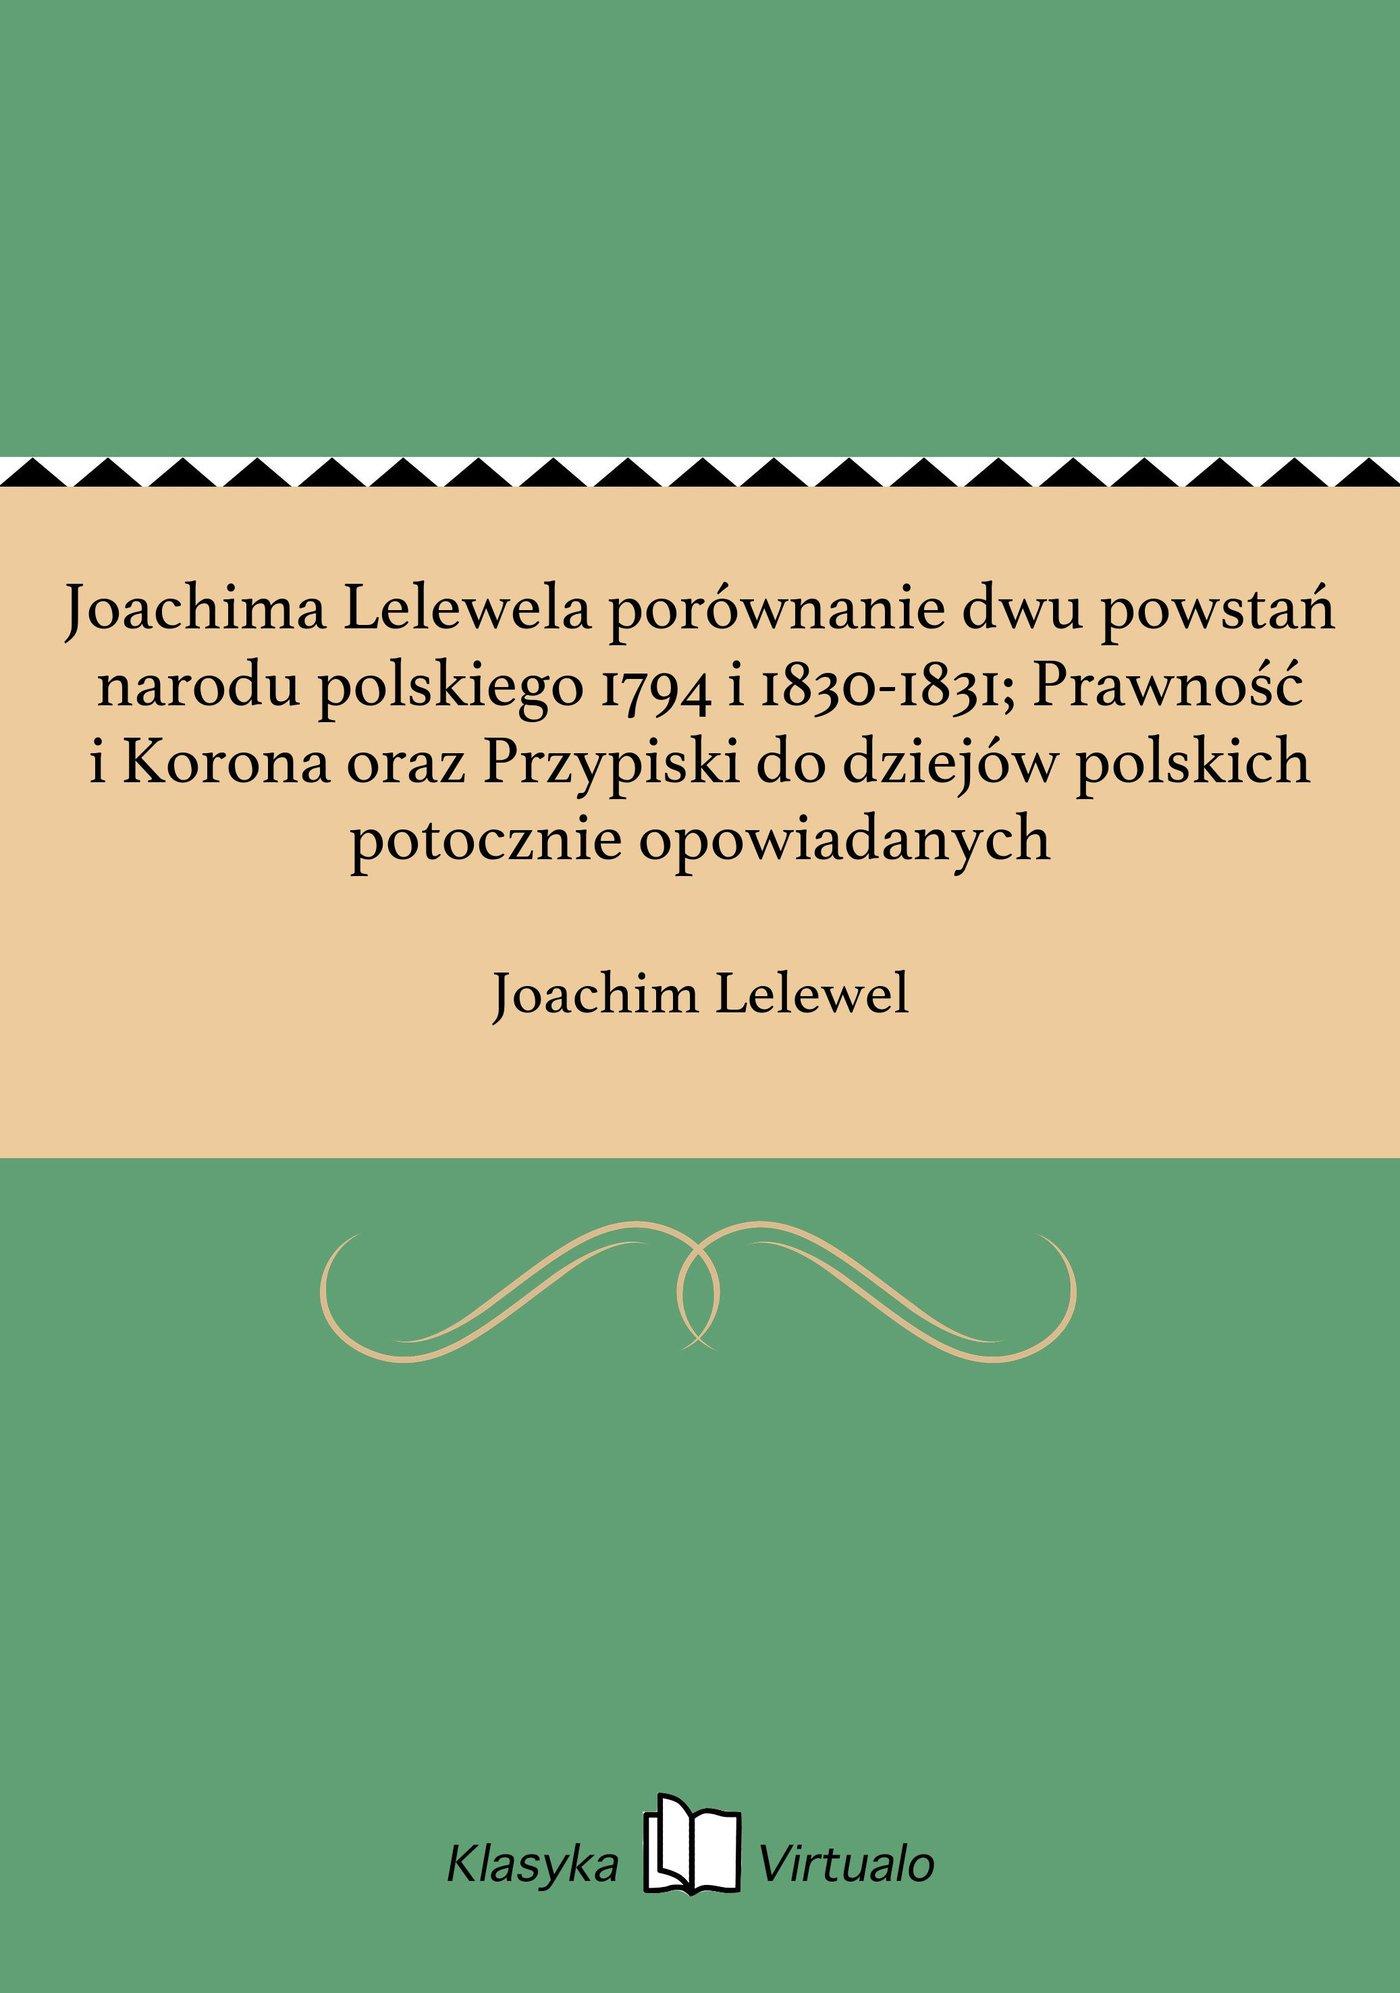 Joachima Lelewela porównanie dwu powstań narodu polskiego 1794 i 1830-1831; Prawność i Korona oraz Przypiski do dziejów polskich potocznie opowiadanych - Ebook (Książka EPUB) do pobrania w formacie EPUB